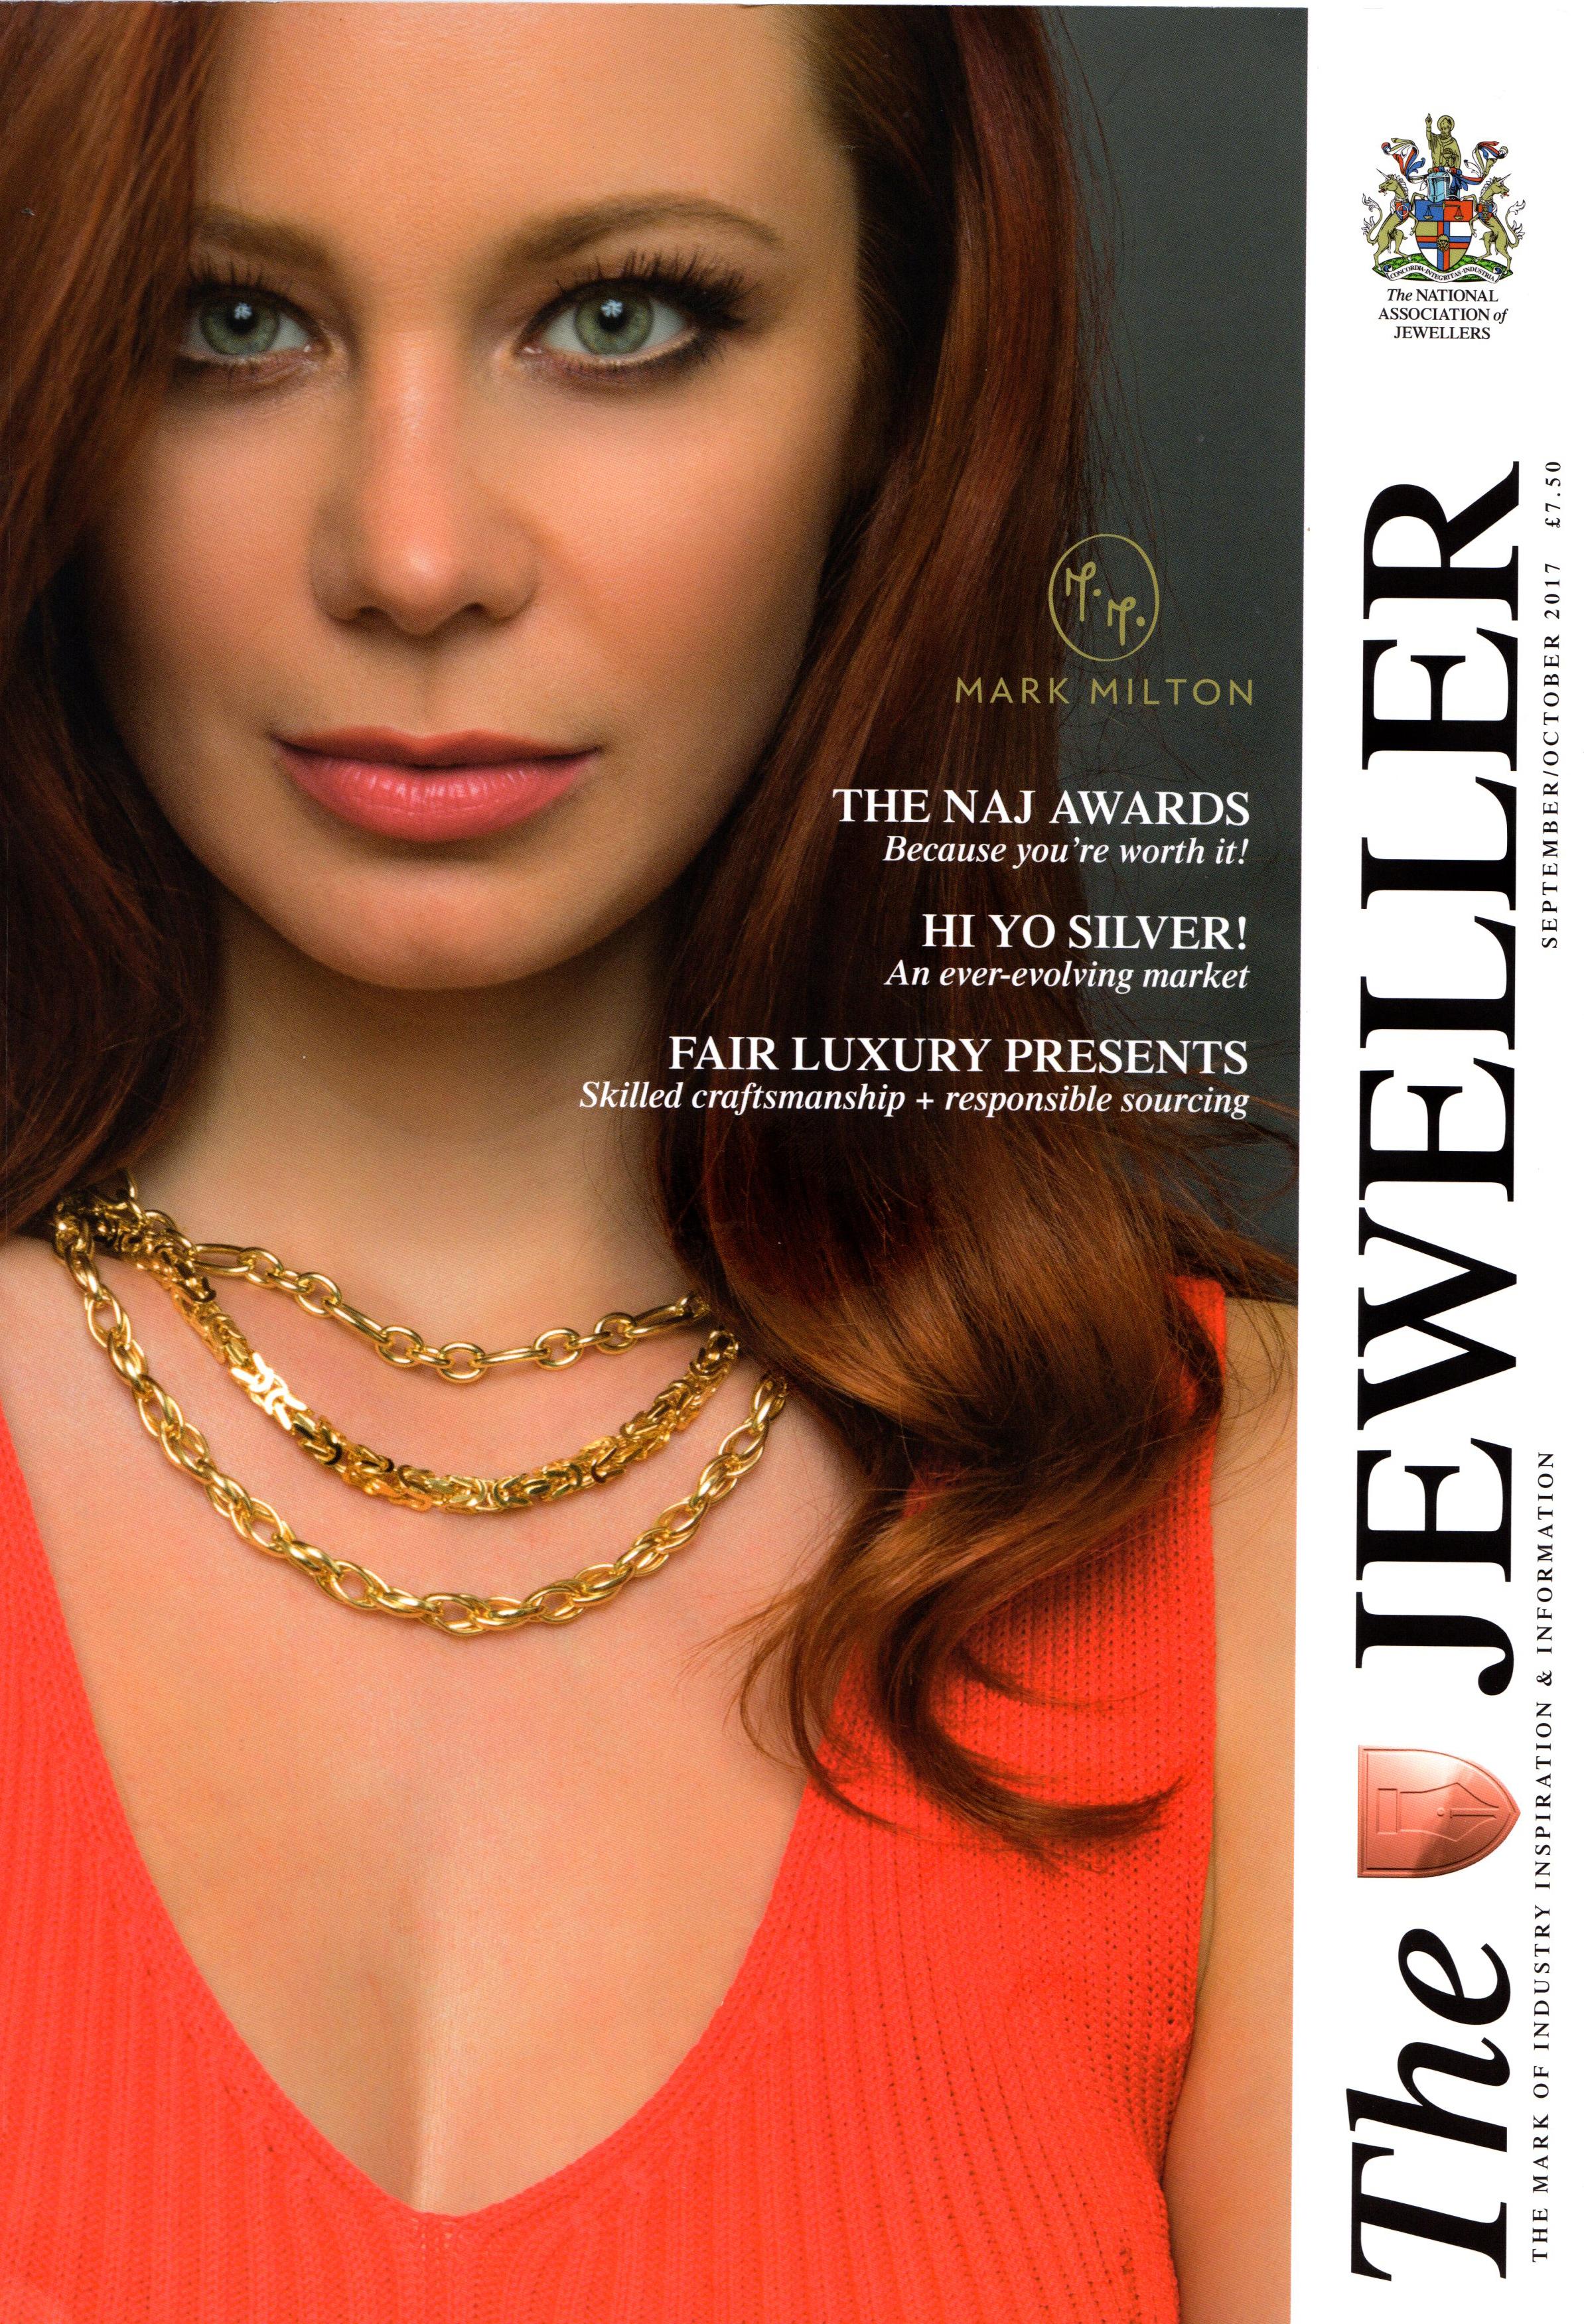 The Jeweller September/October 2017